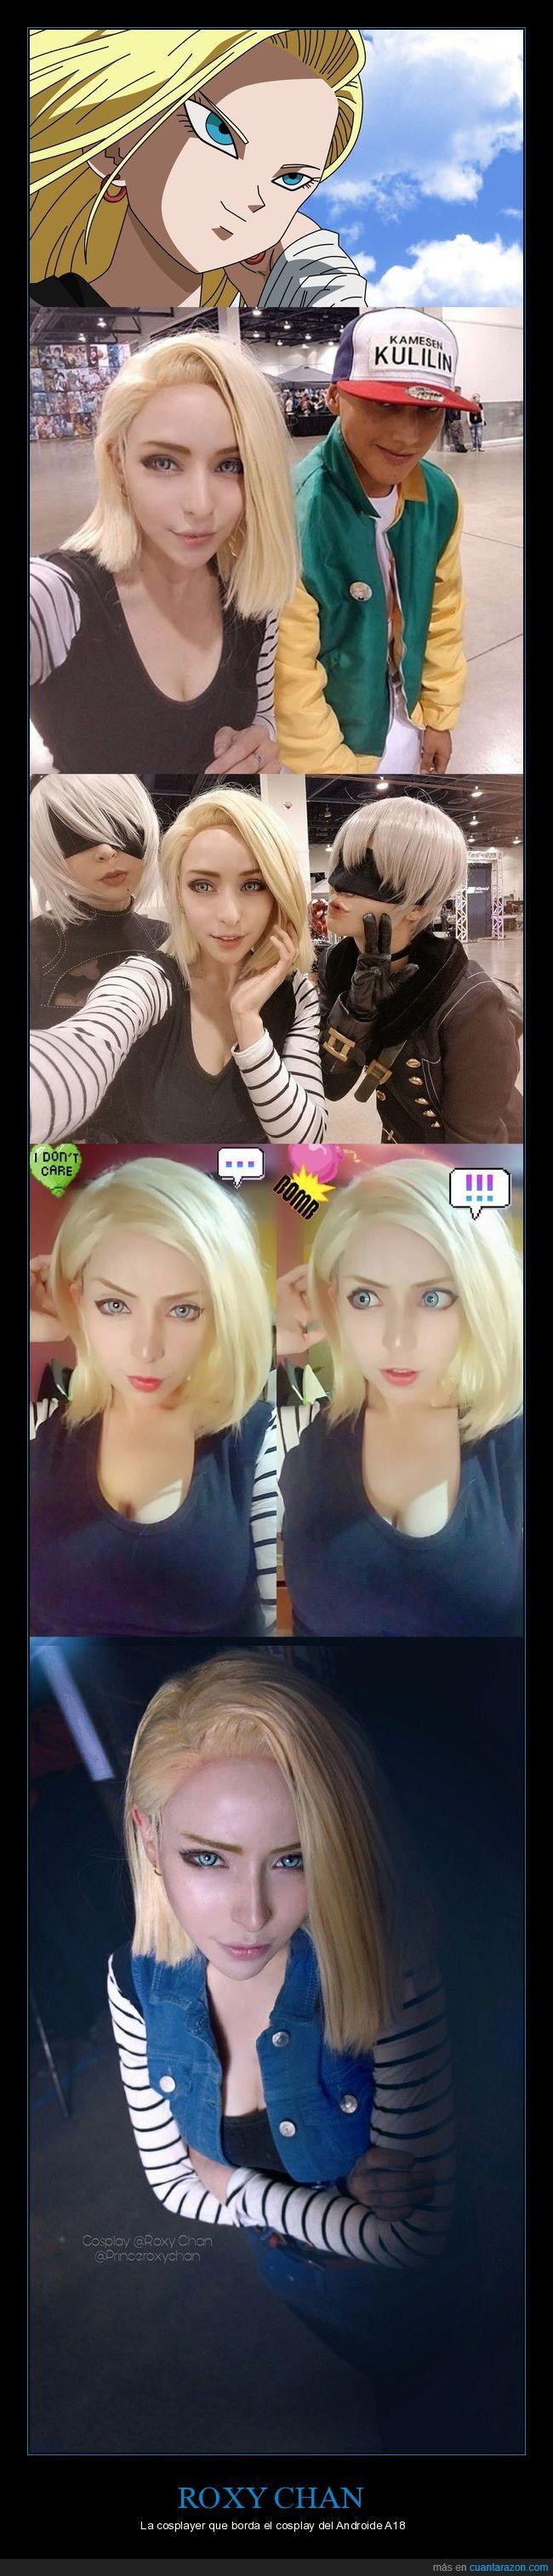 La cosplayer americana Roxy Chan se ha convertido en Androide 18 y hasta Krilin se lo cree - La cosplayer que borda el cosplay del Androide A18